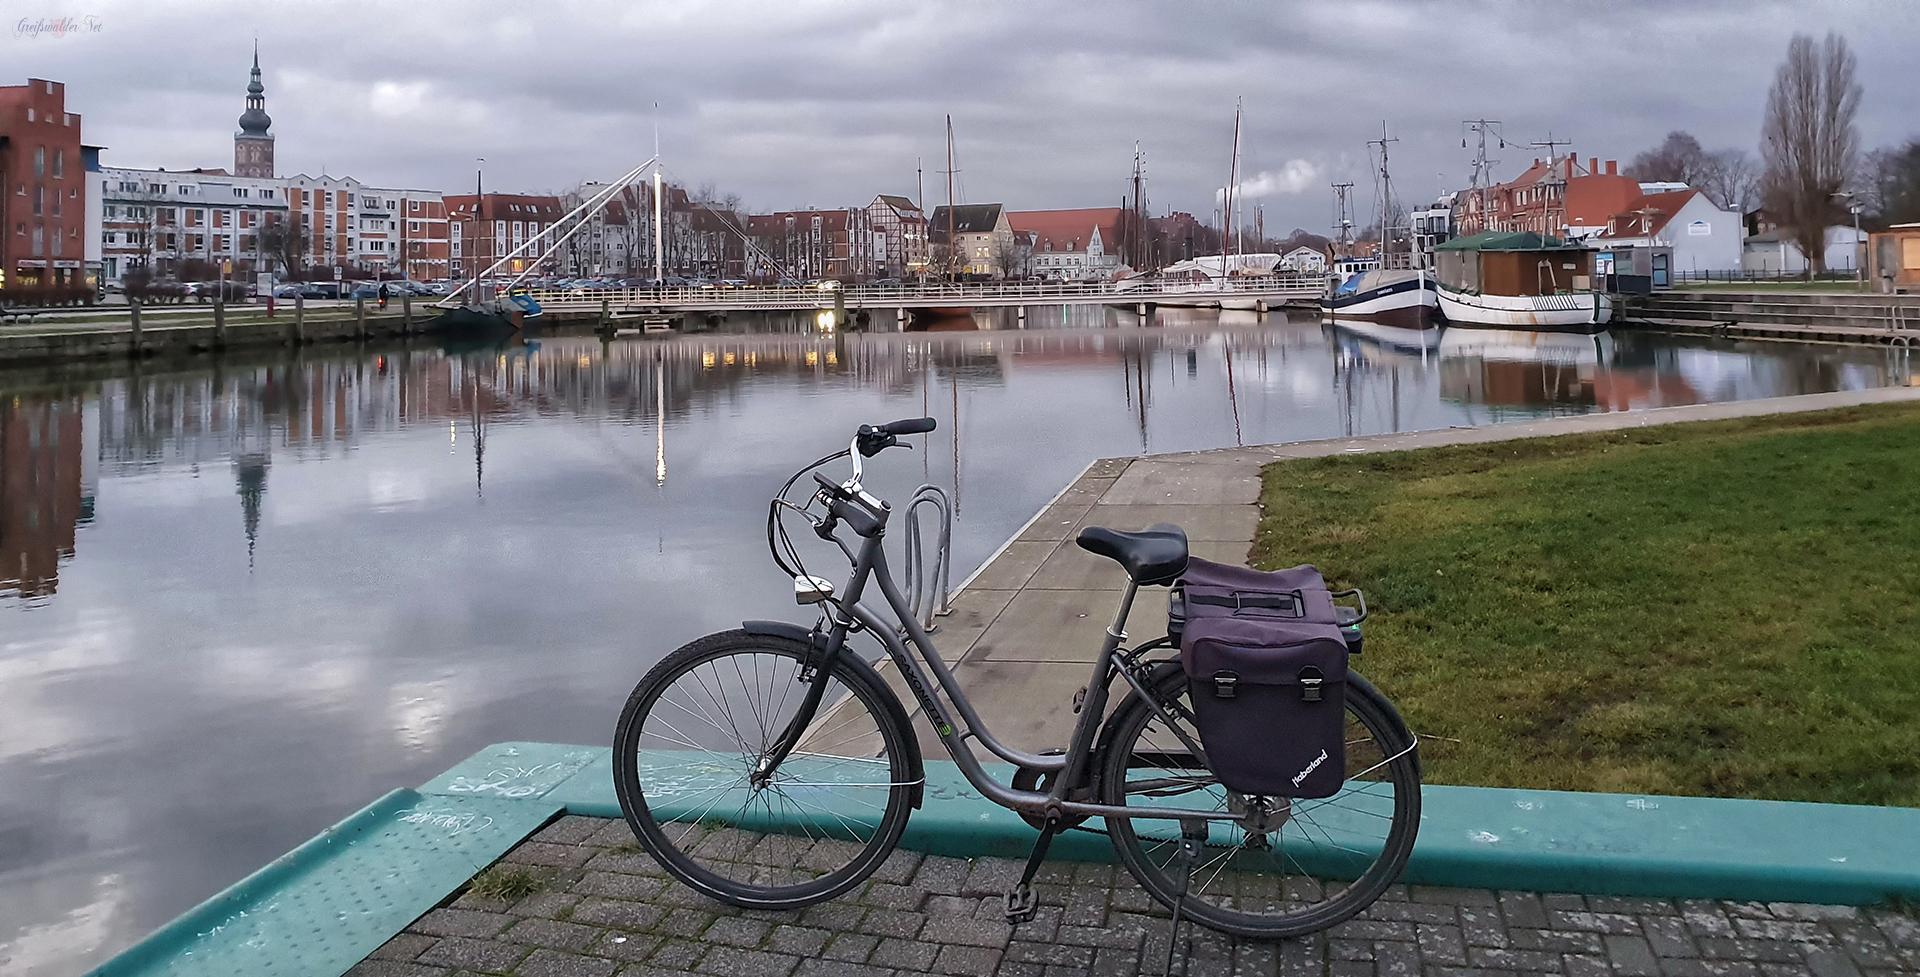 Abend am Museumshafen in Greifswald